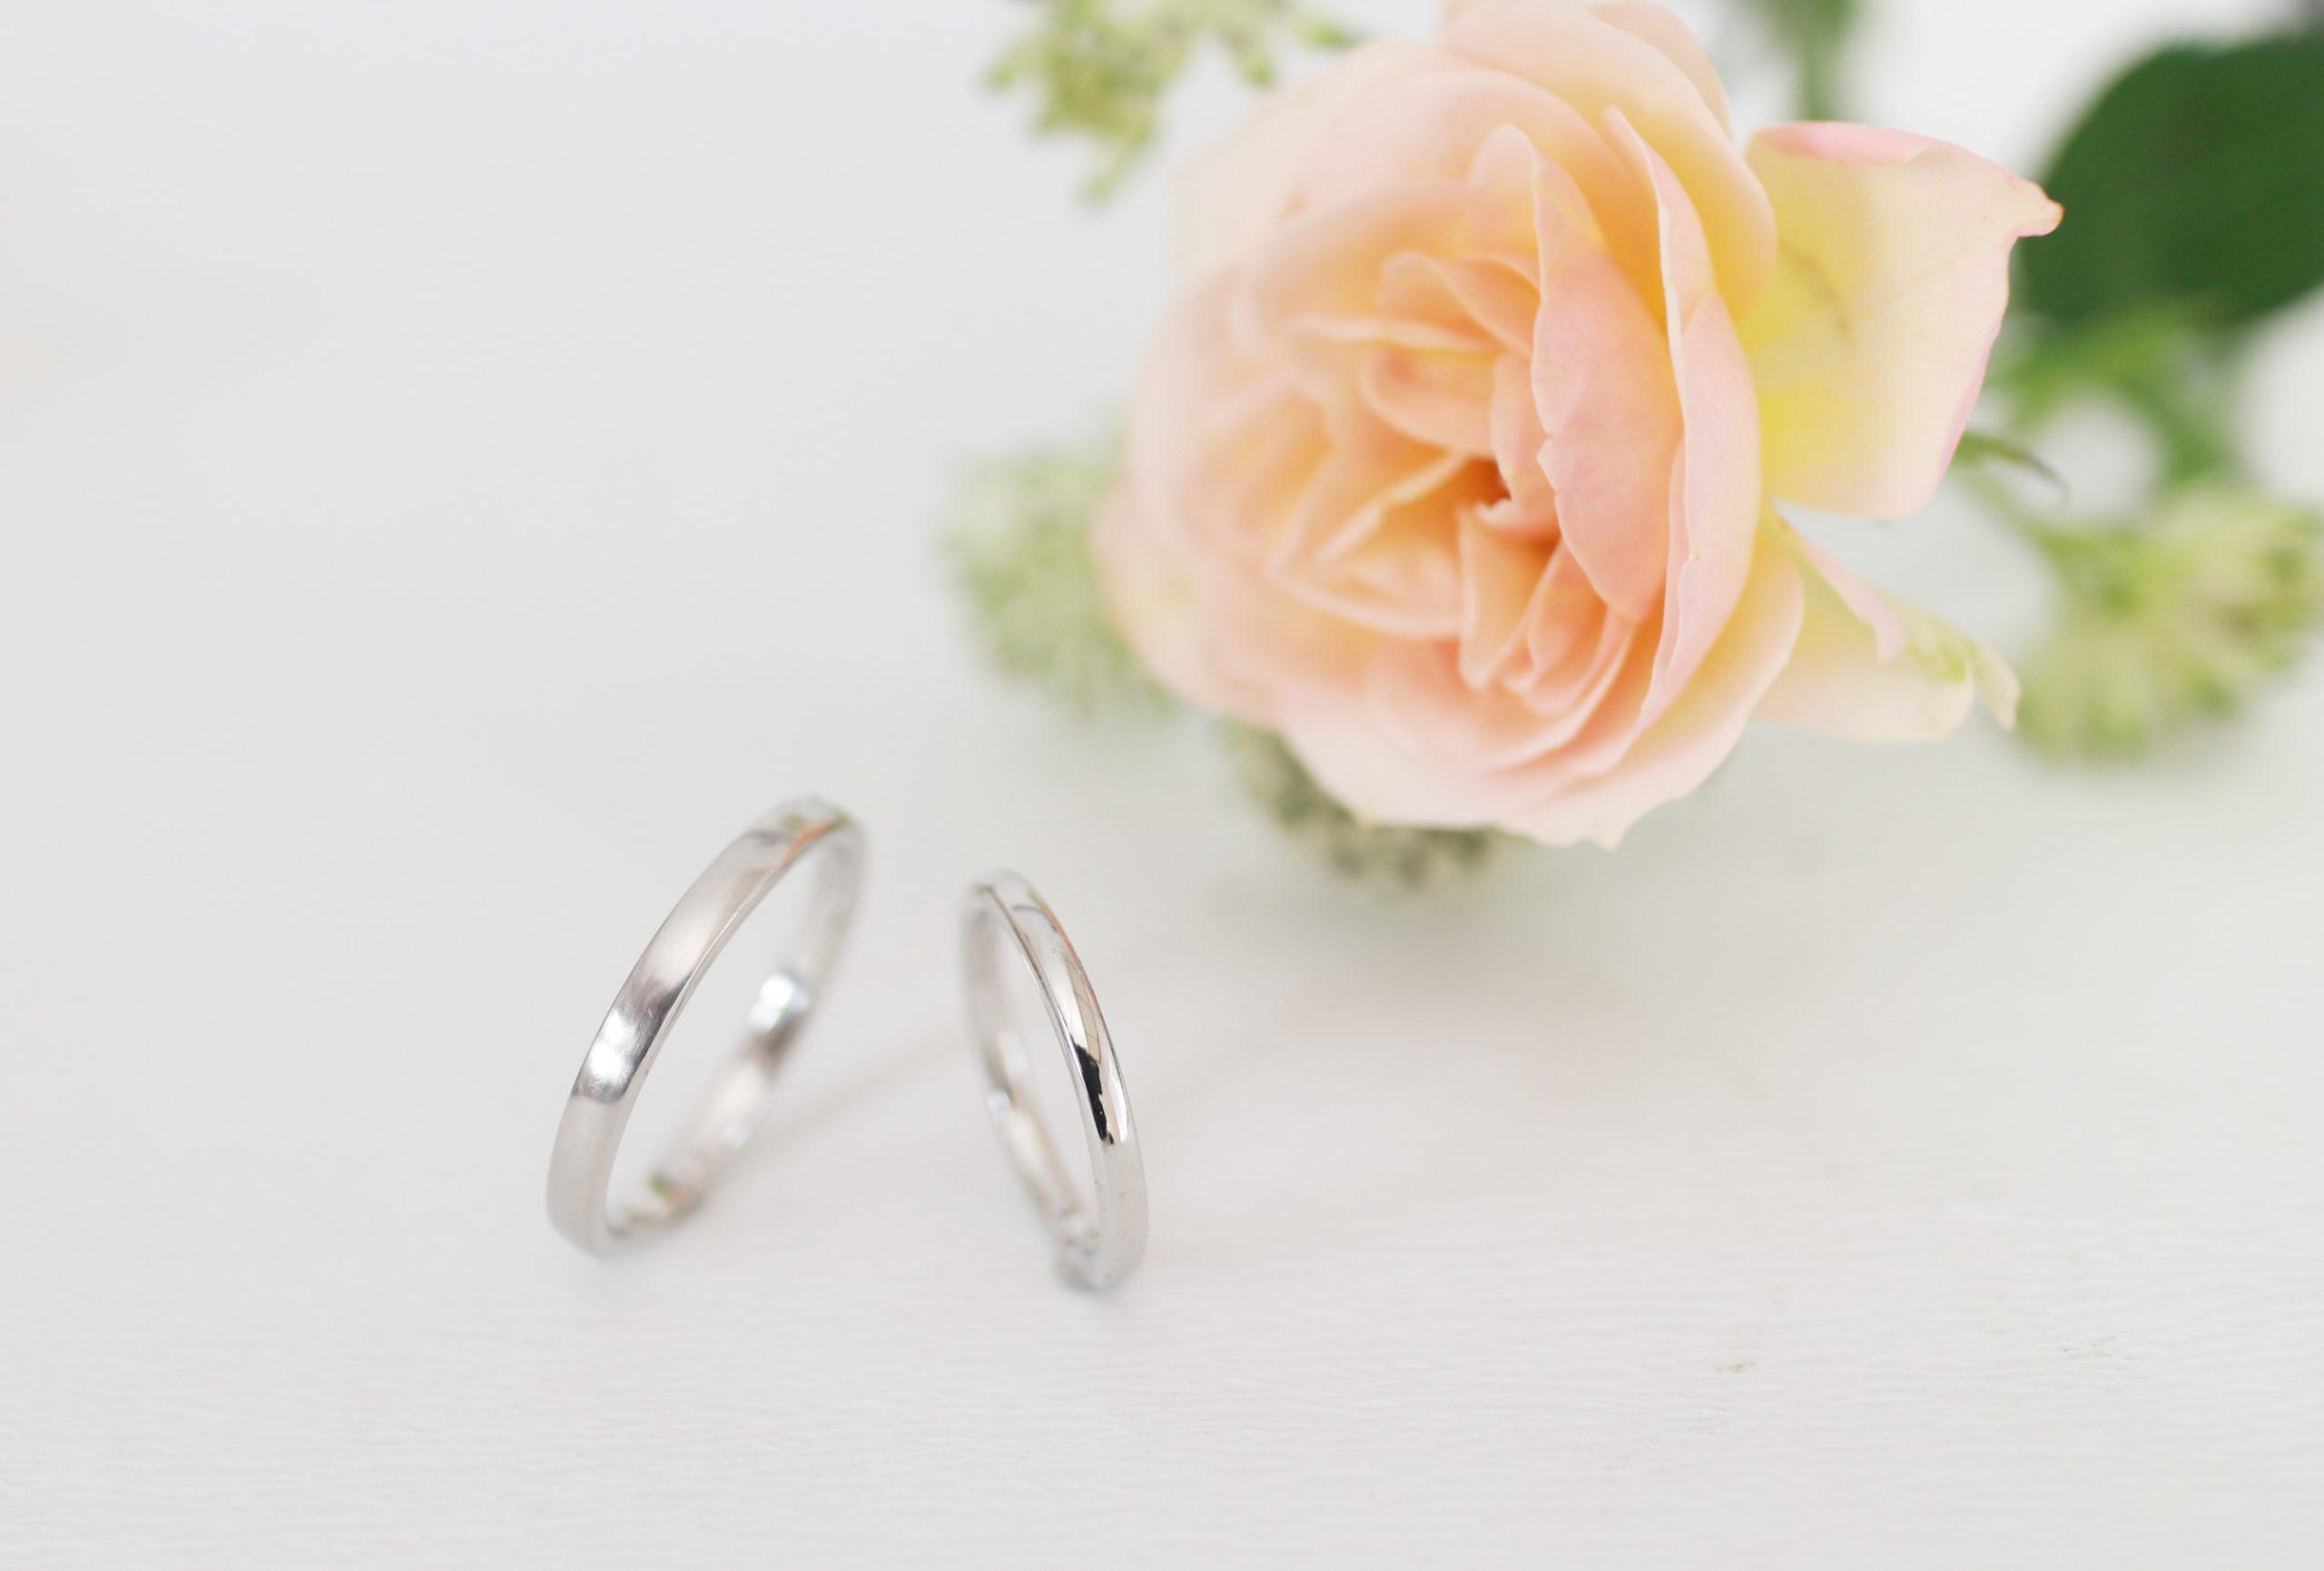 鏡面だけど雰囲気がちがう手作り結婚指輪